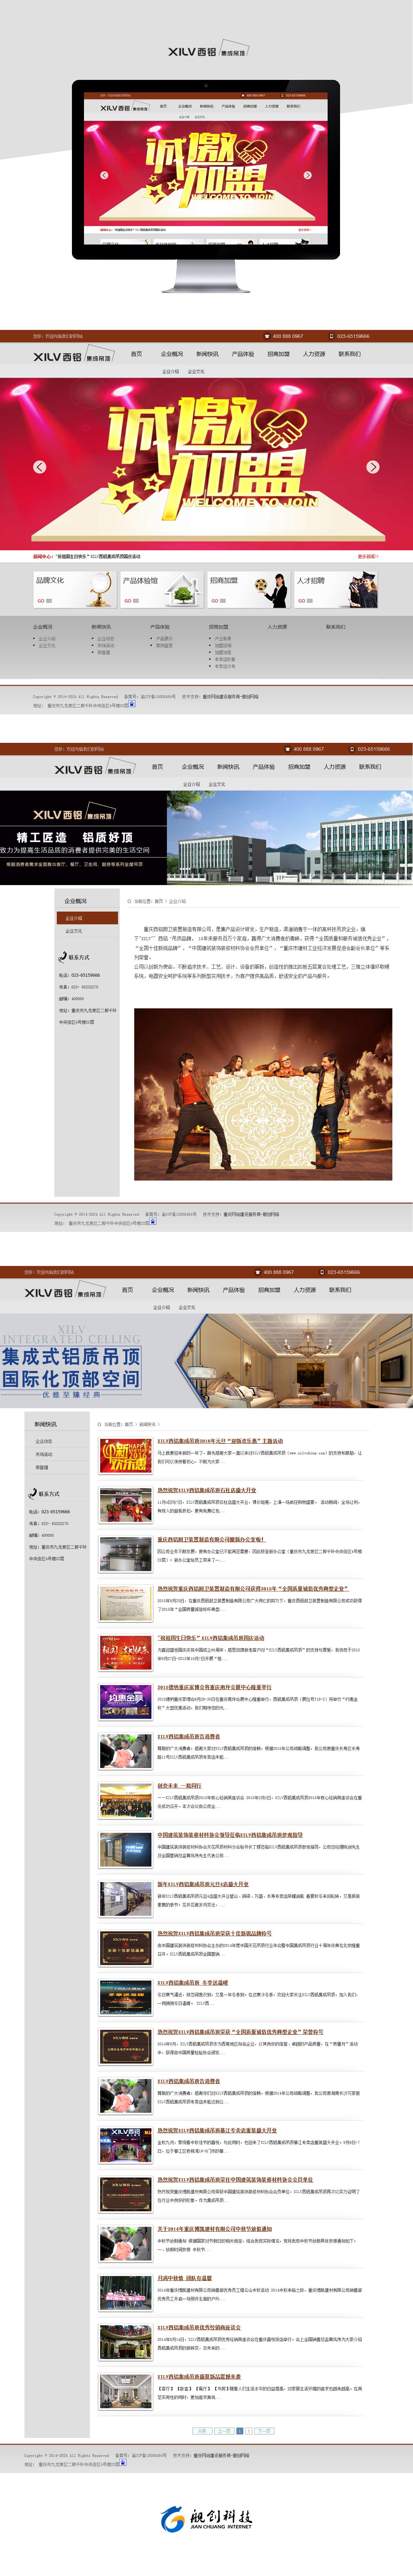 重庆市西铝美万家公司